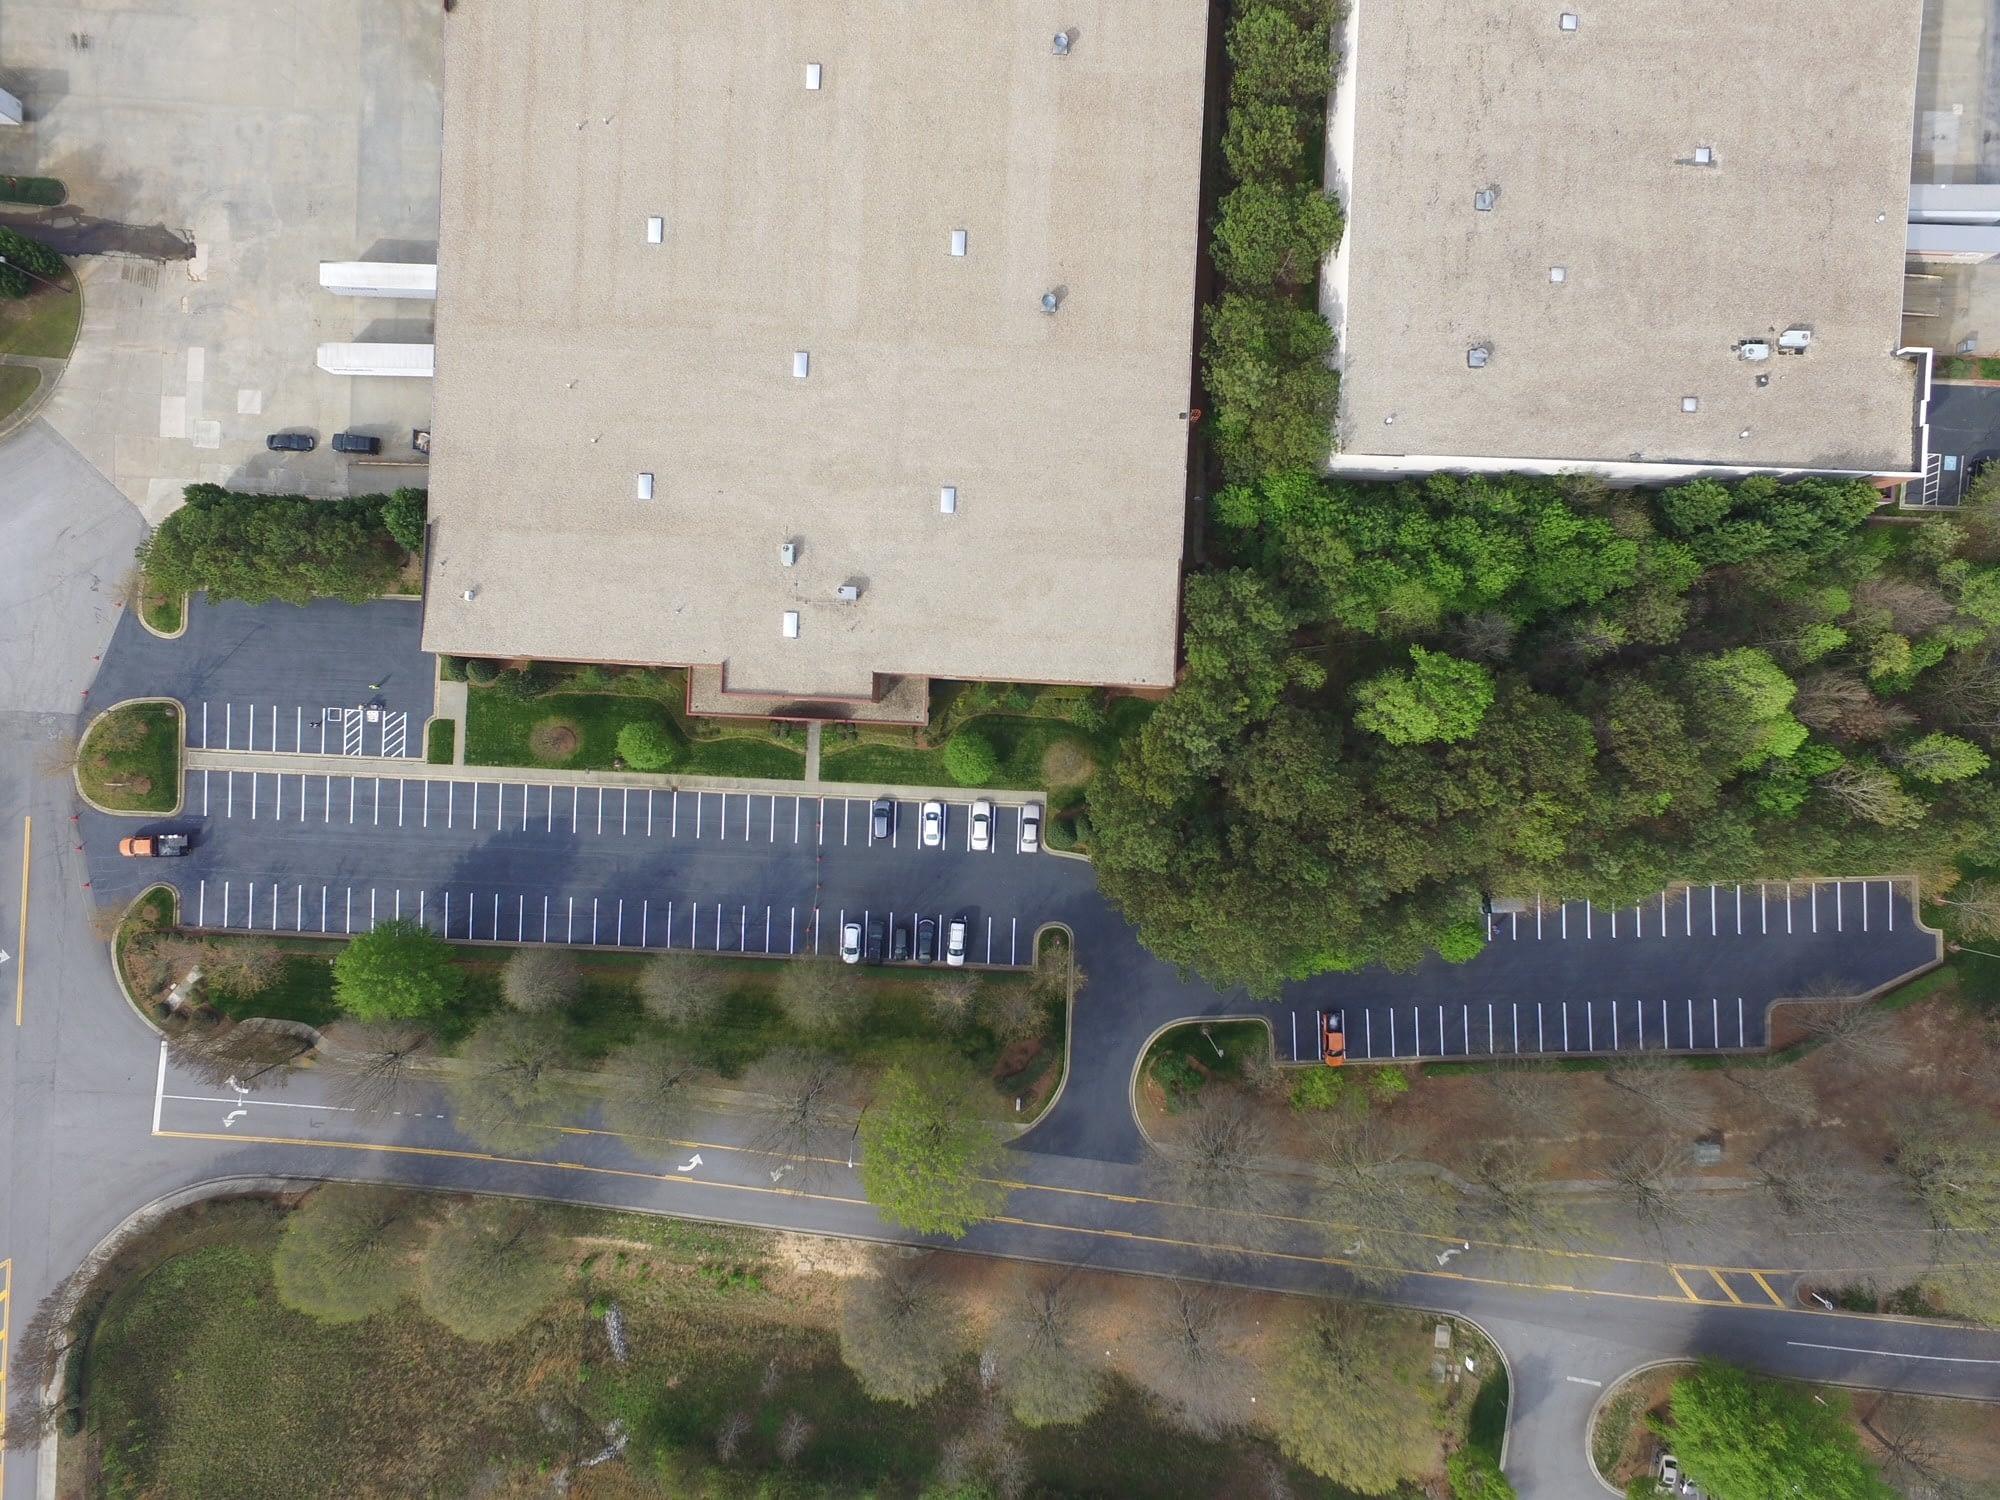 Seefried Property Aerial